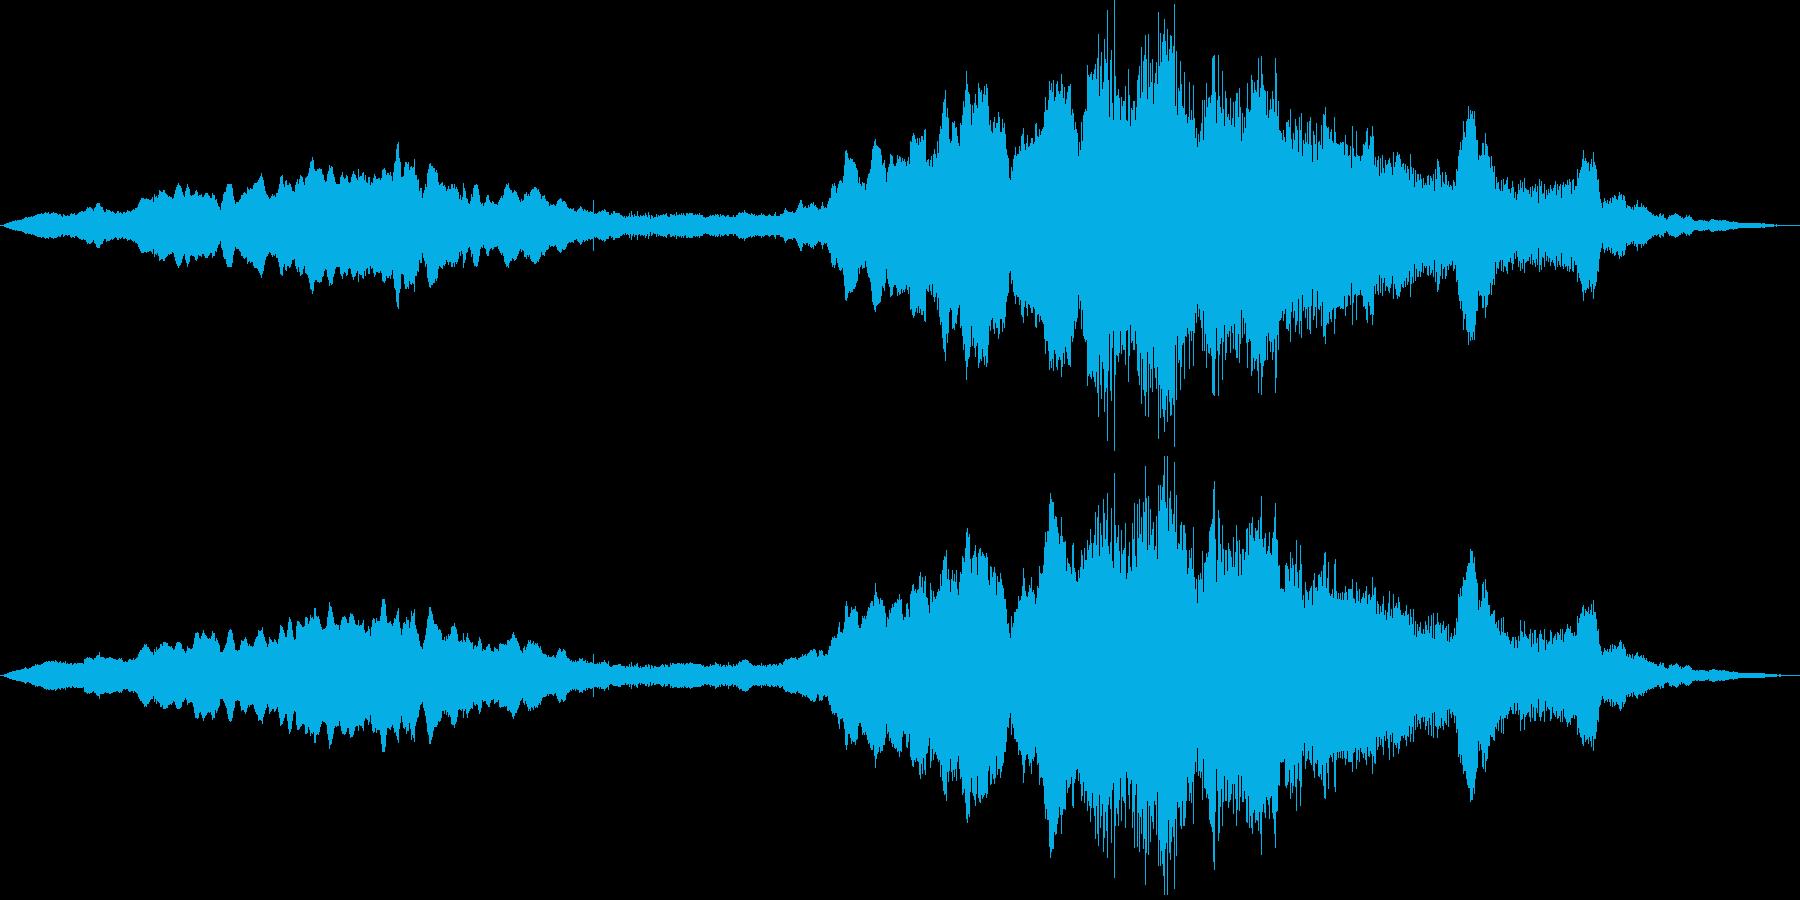 ストリングスのみのチューニングの再生済みの波形